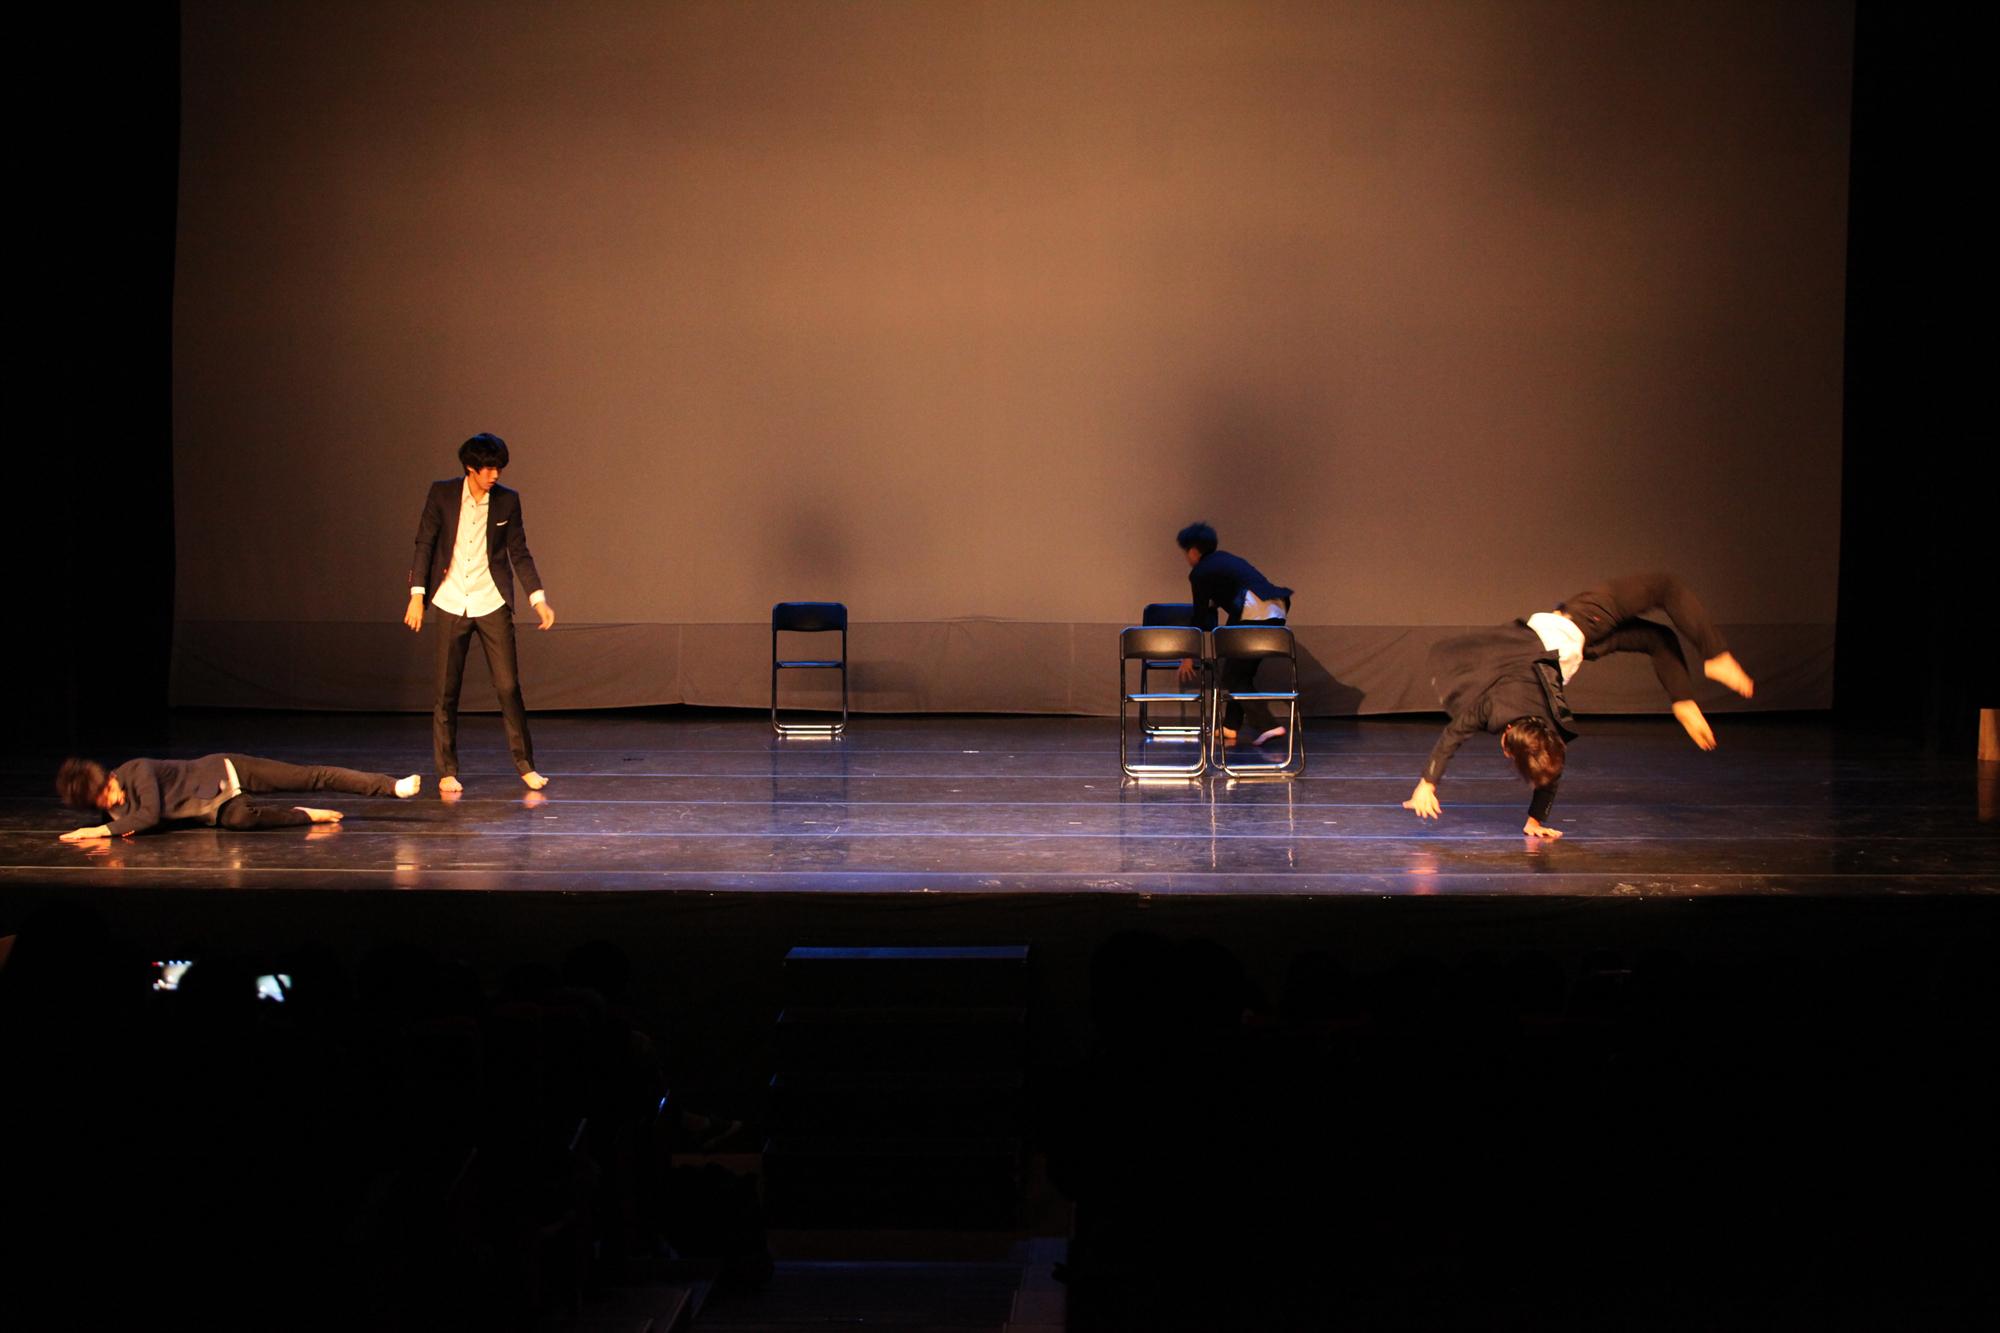 2014년 제6회 창작발표회 (Male dancer) 첨부이미지